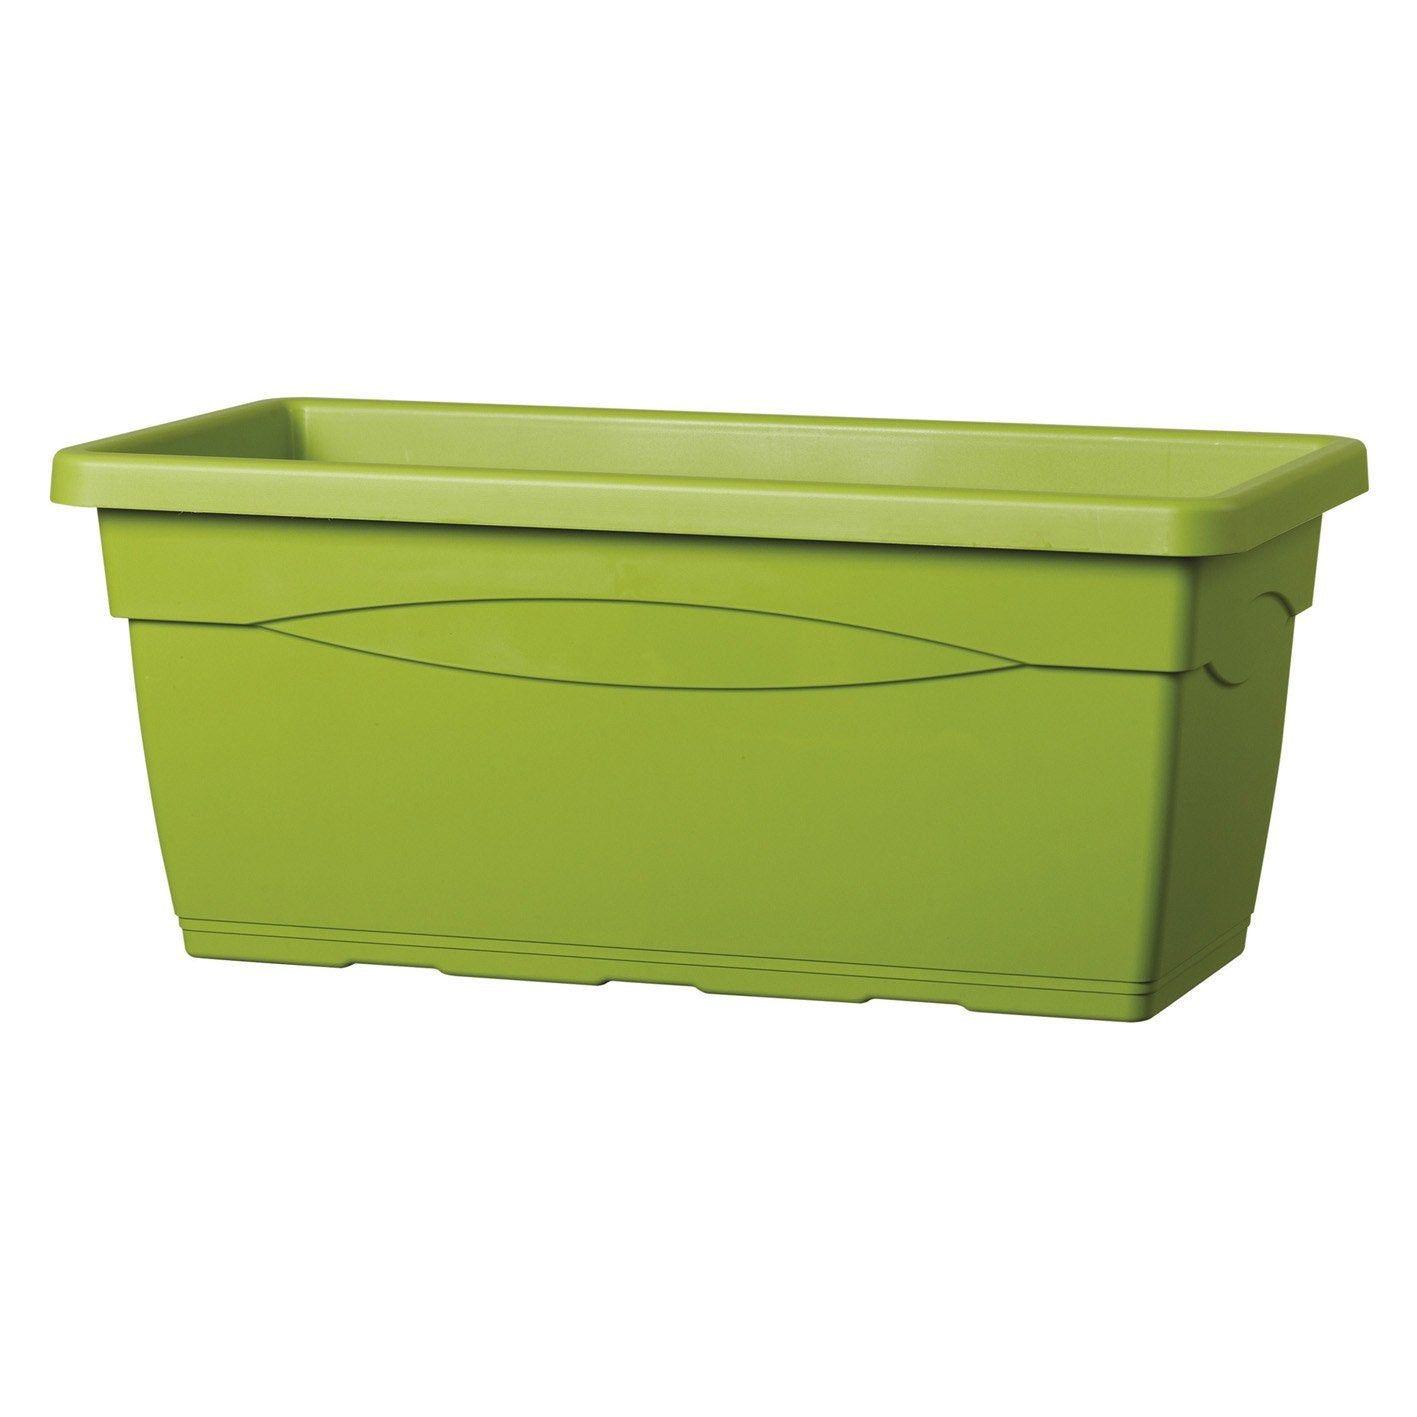 Bac Plastique Deroma L 100 X L 44 X H 40 Cm Olive Bac Plastique Et Olives